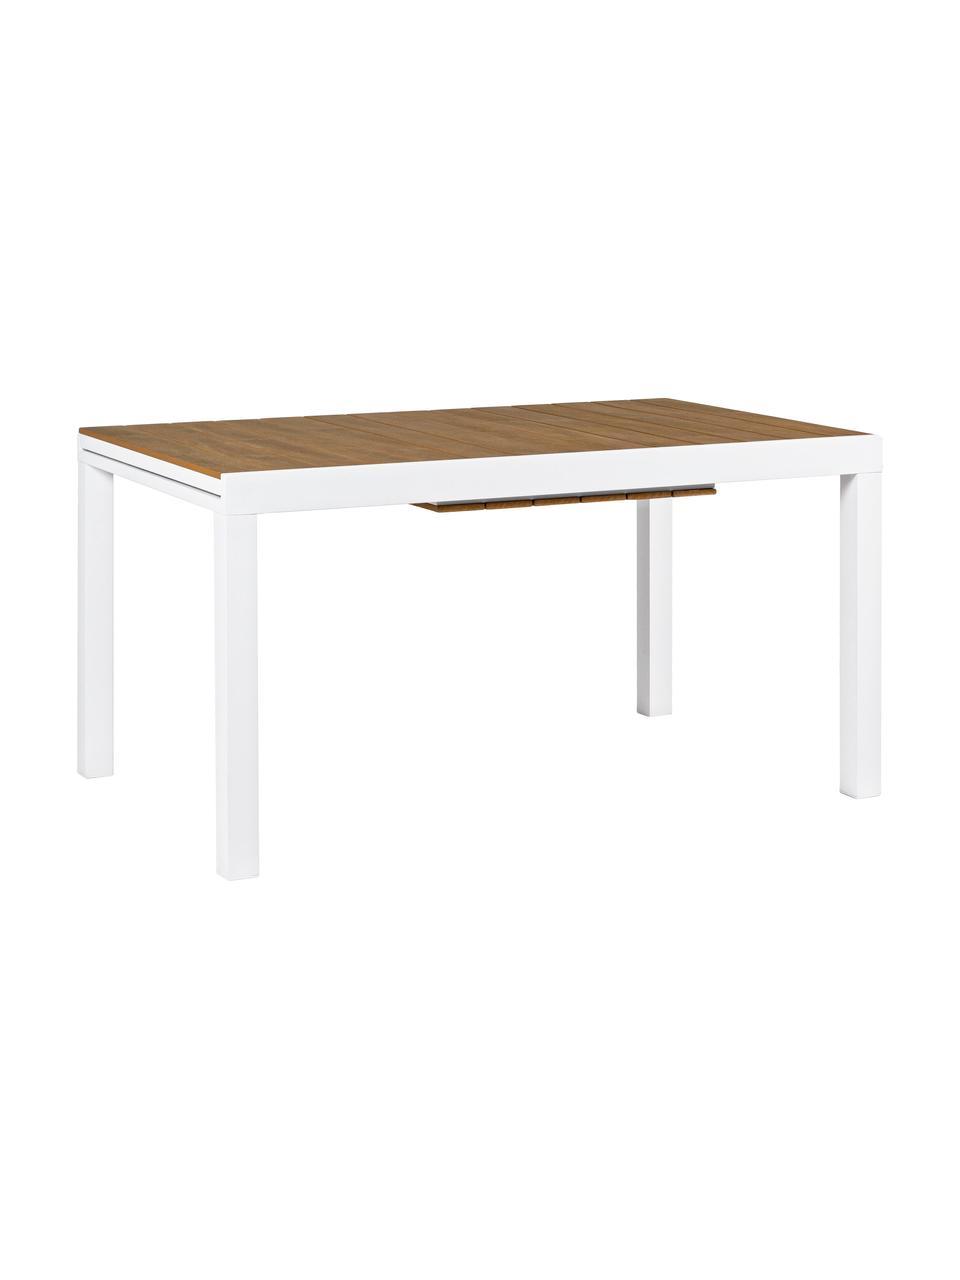 Ausziehbarer Gartentisch Elias, Tischplatte: Kunststoff, Beine: Aluminium, pulverbeschich, Weiß, Holz, B 140 x T 90 cm